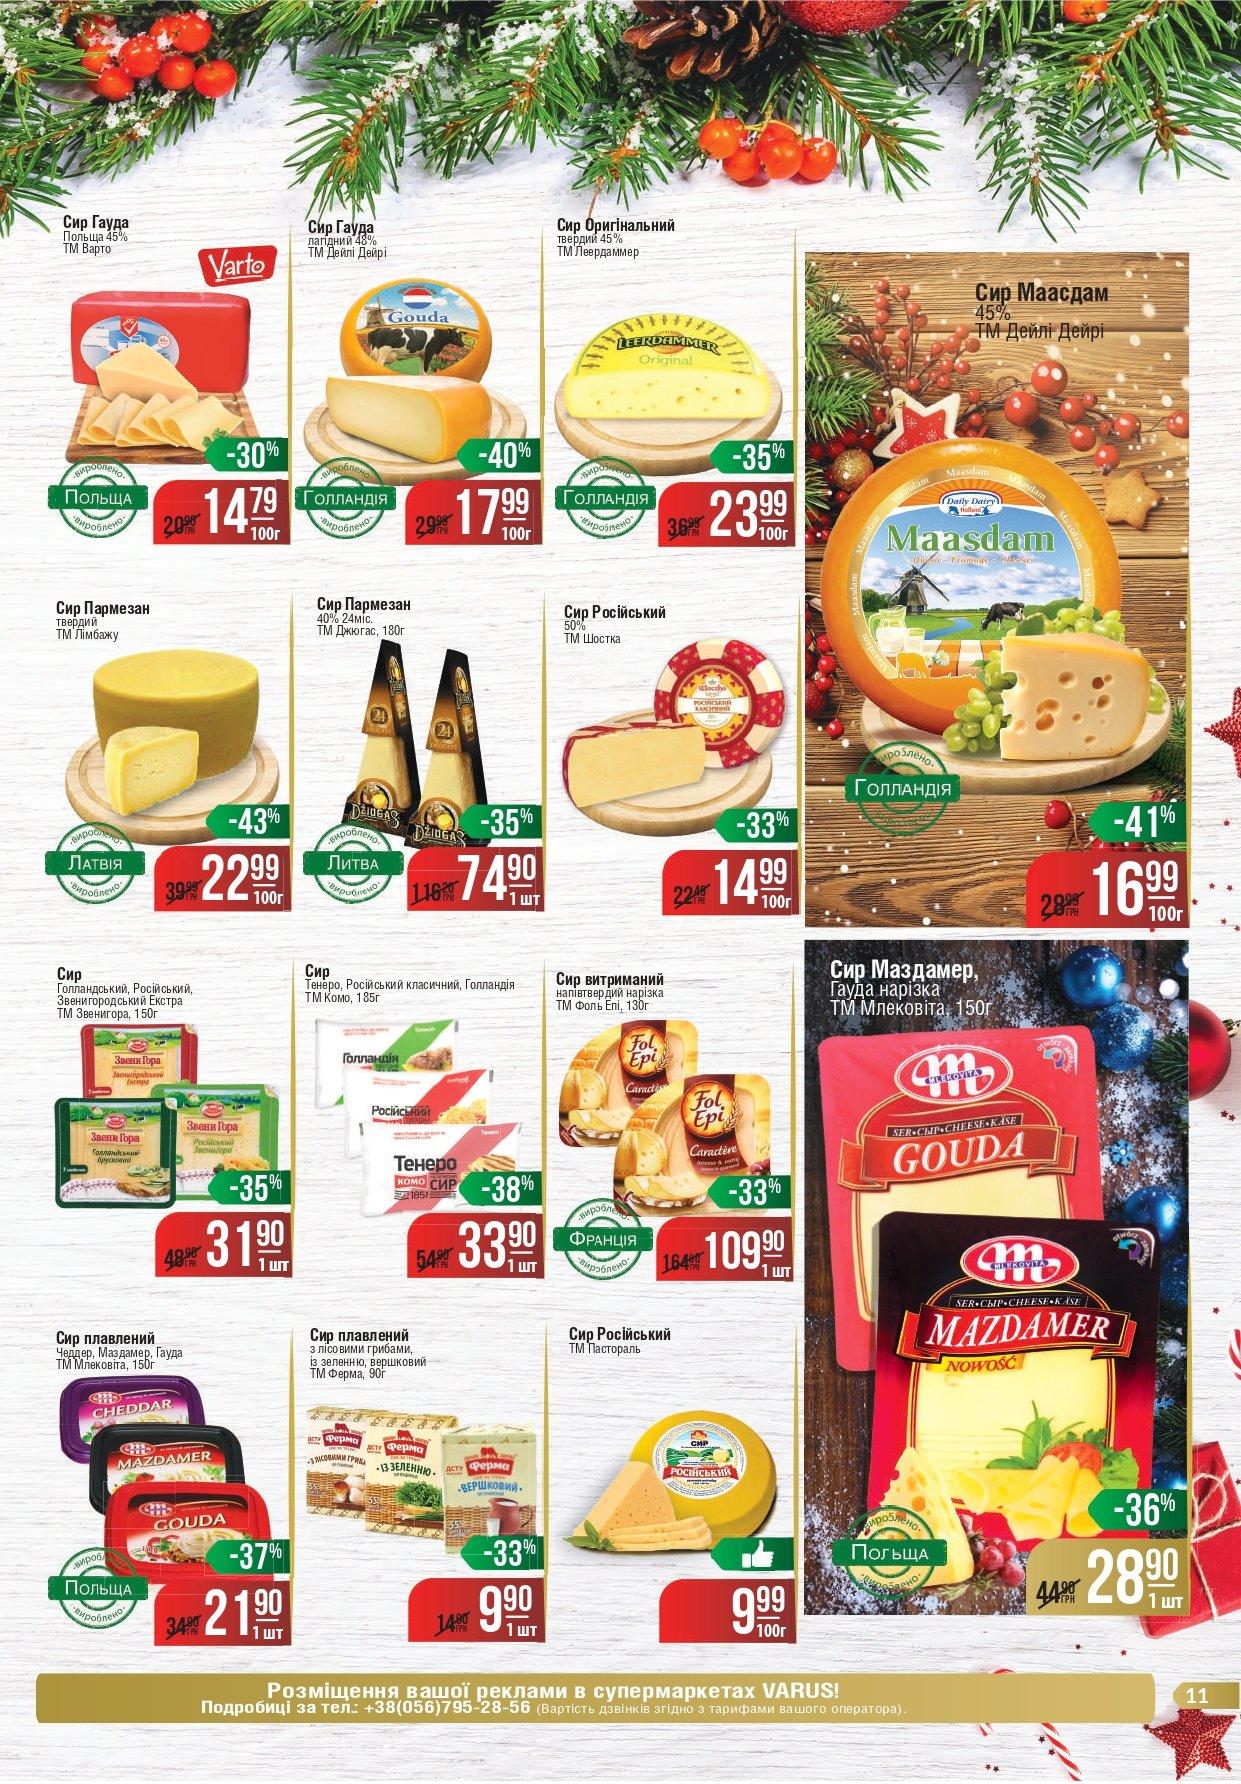 Делаем покупки к Новому Году: какие акции действуют в супермаркетах Днепра, - ЦЕНЫ, фото-40